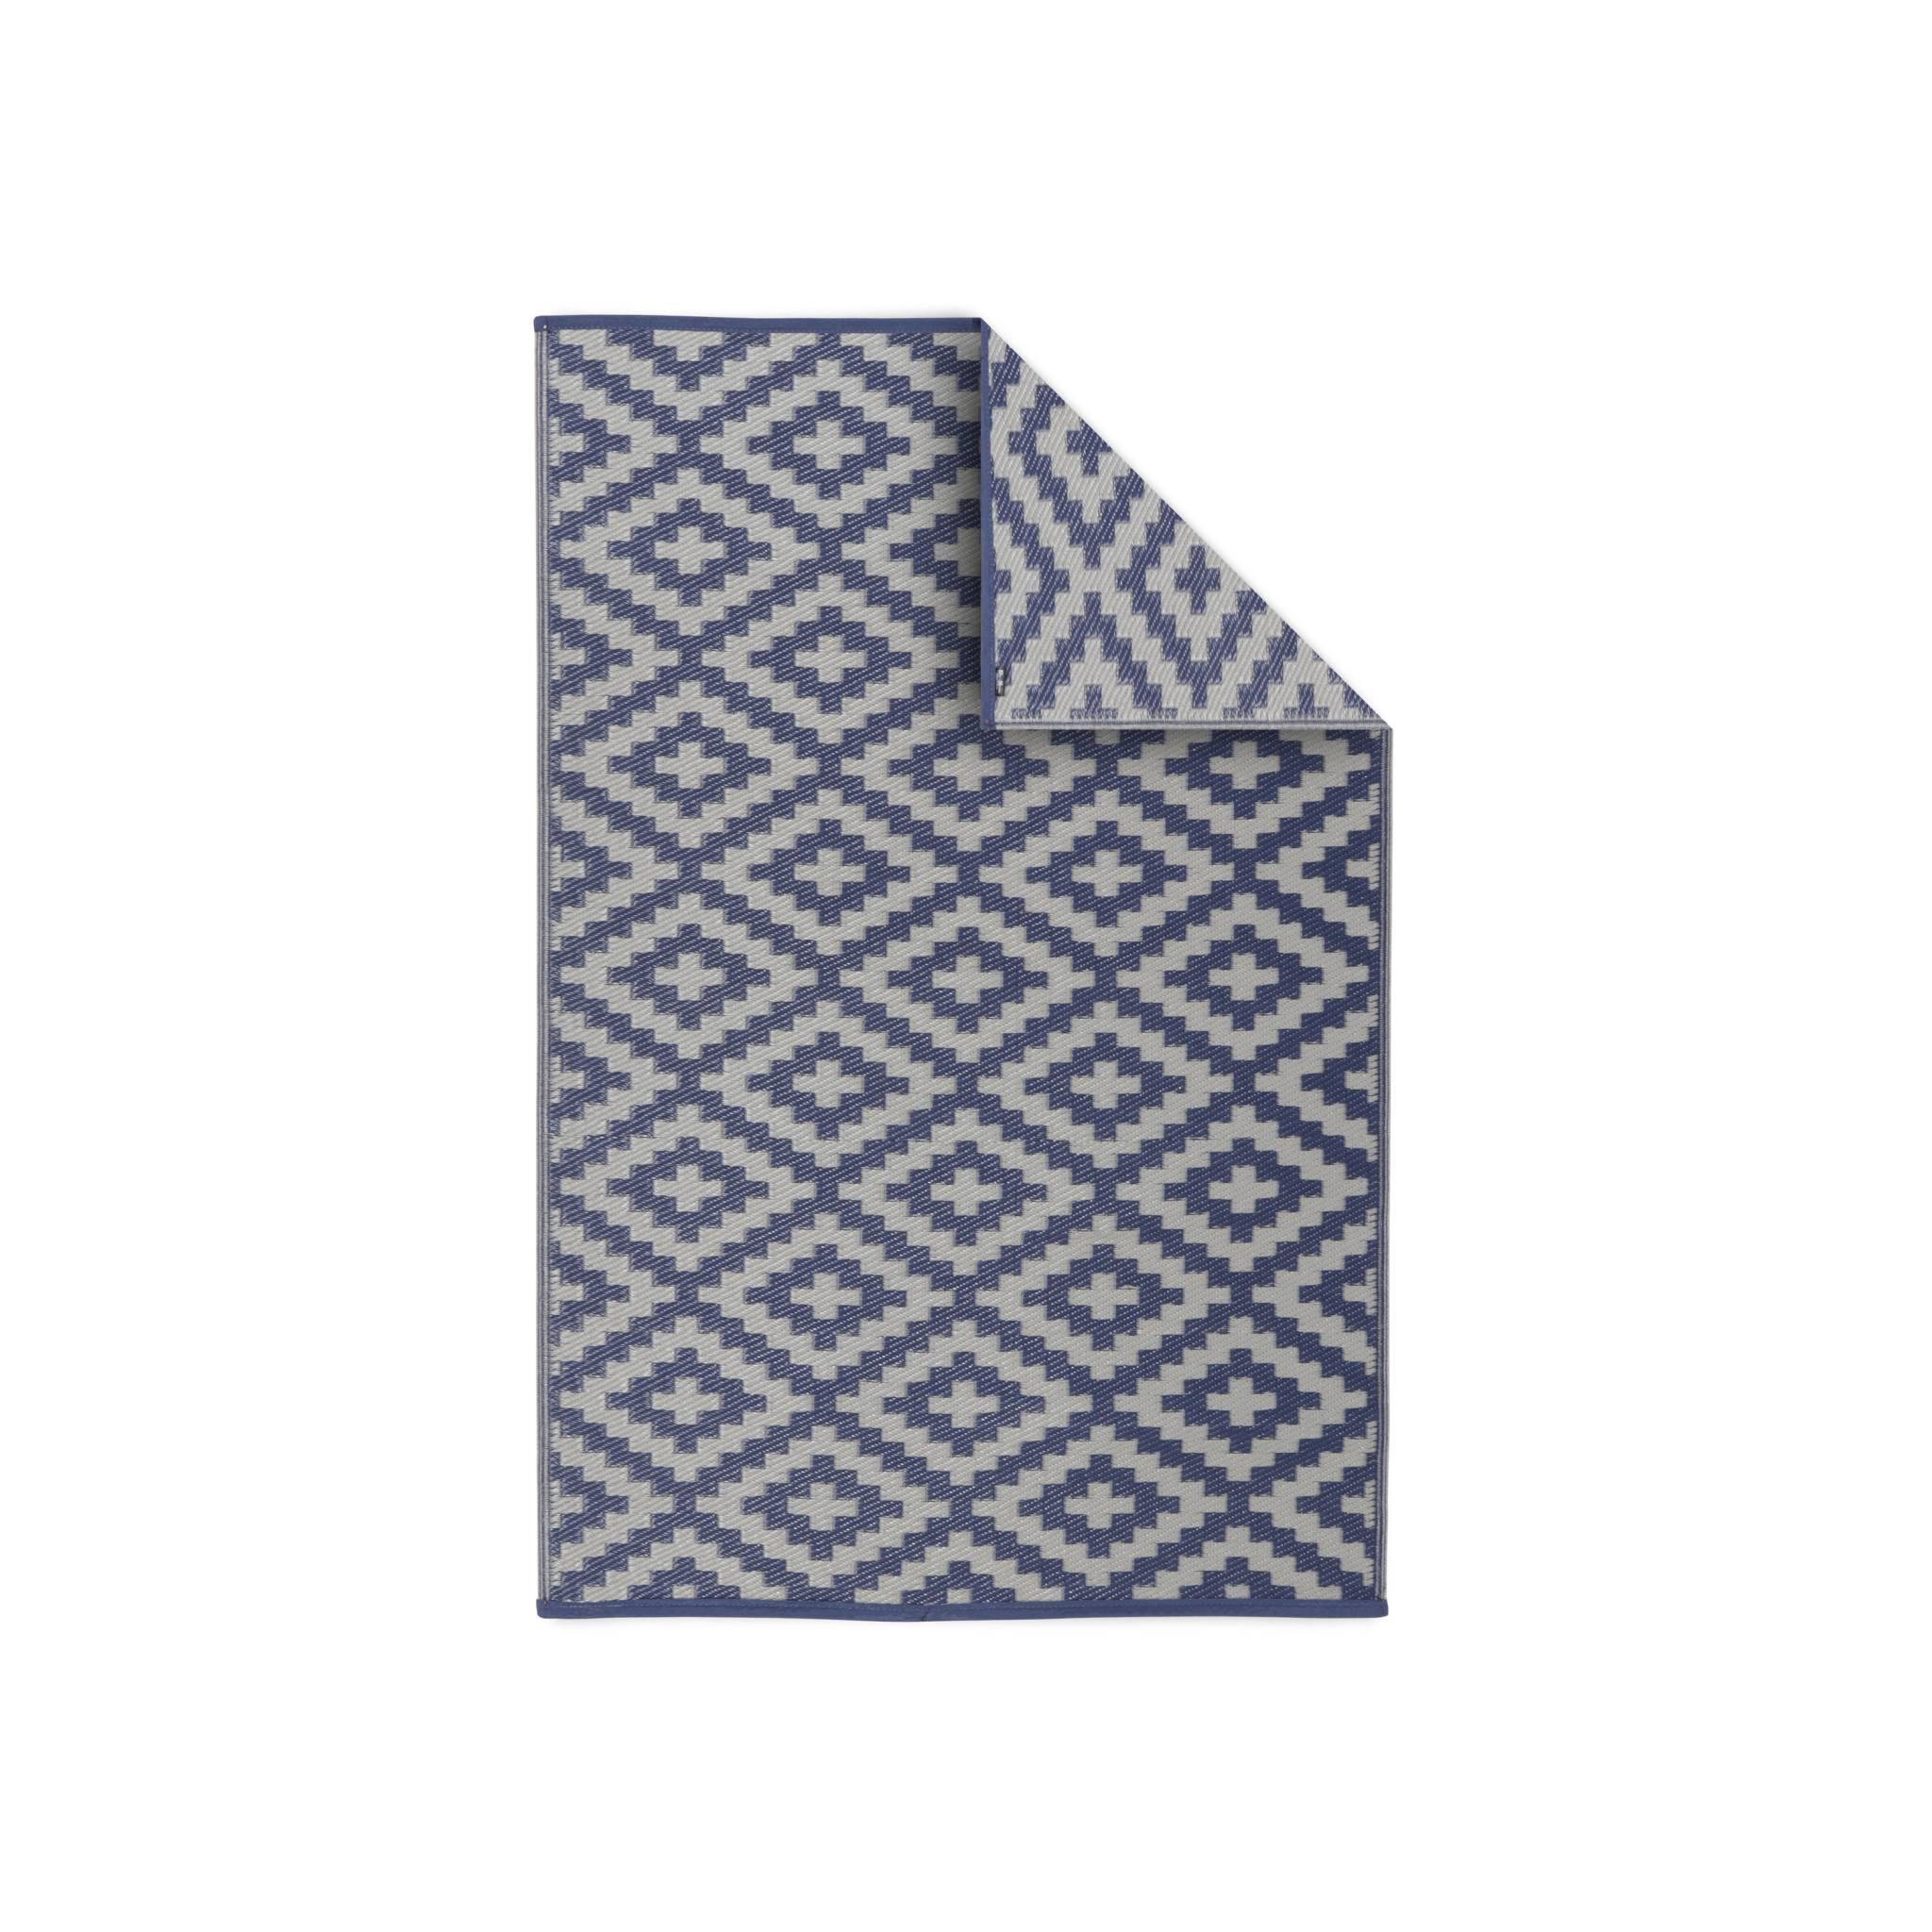 Tapis d'extérieur 120x180cm rectangulaire motif losange